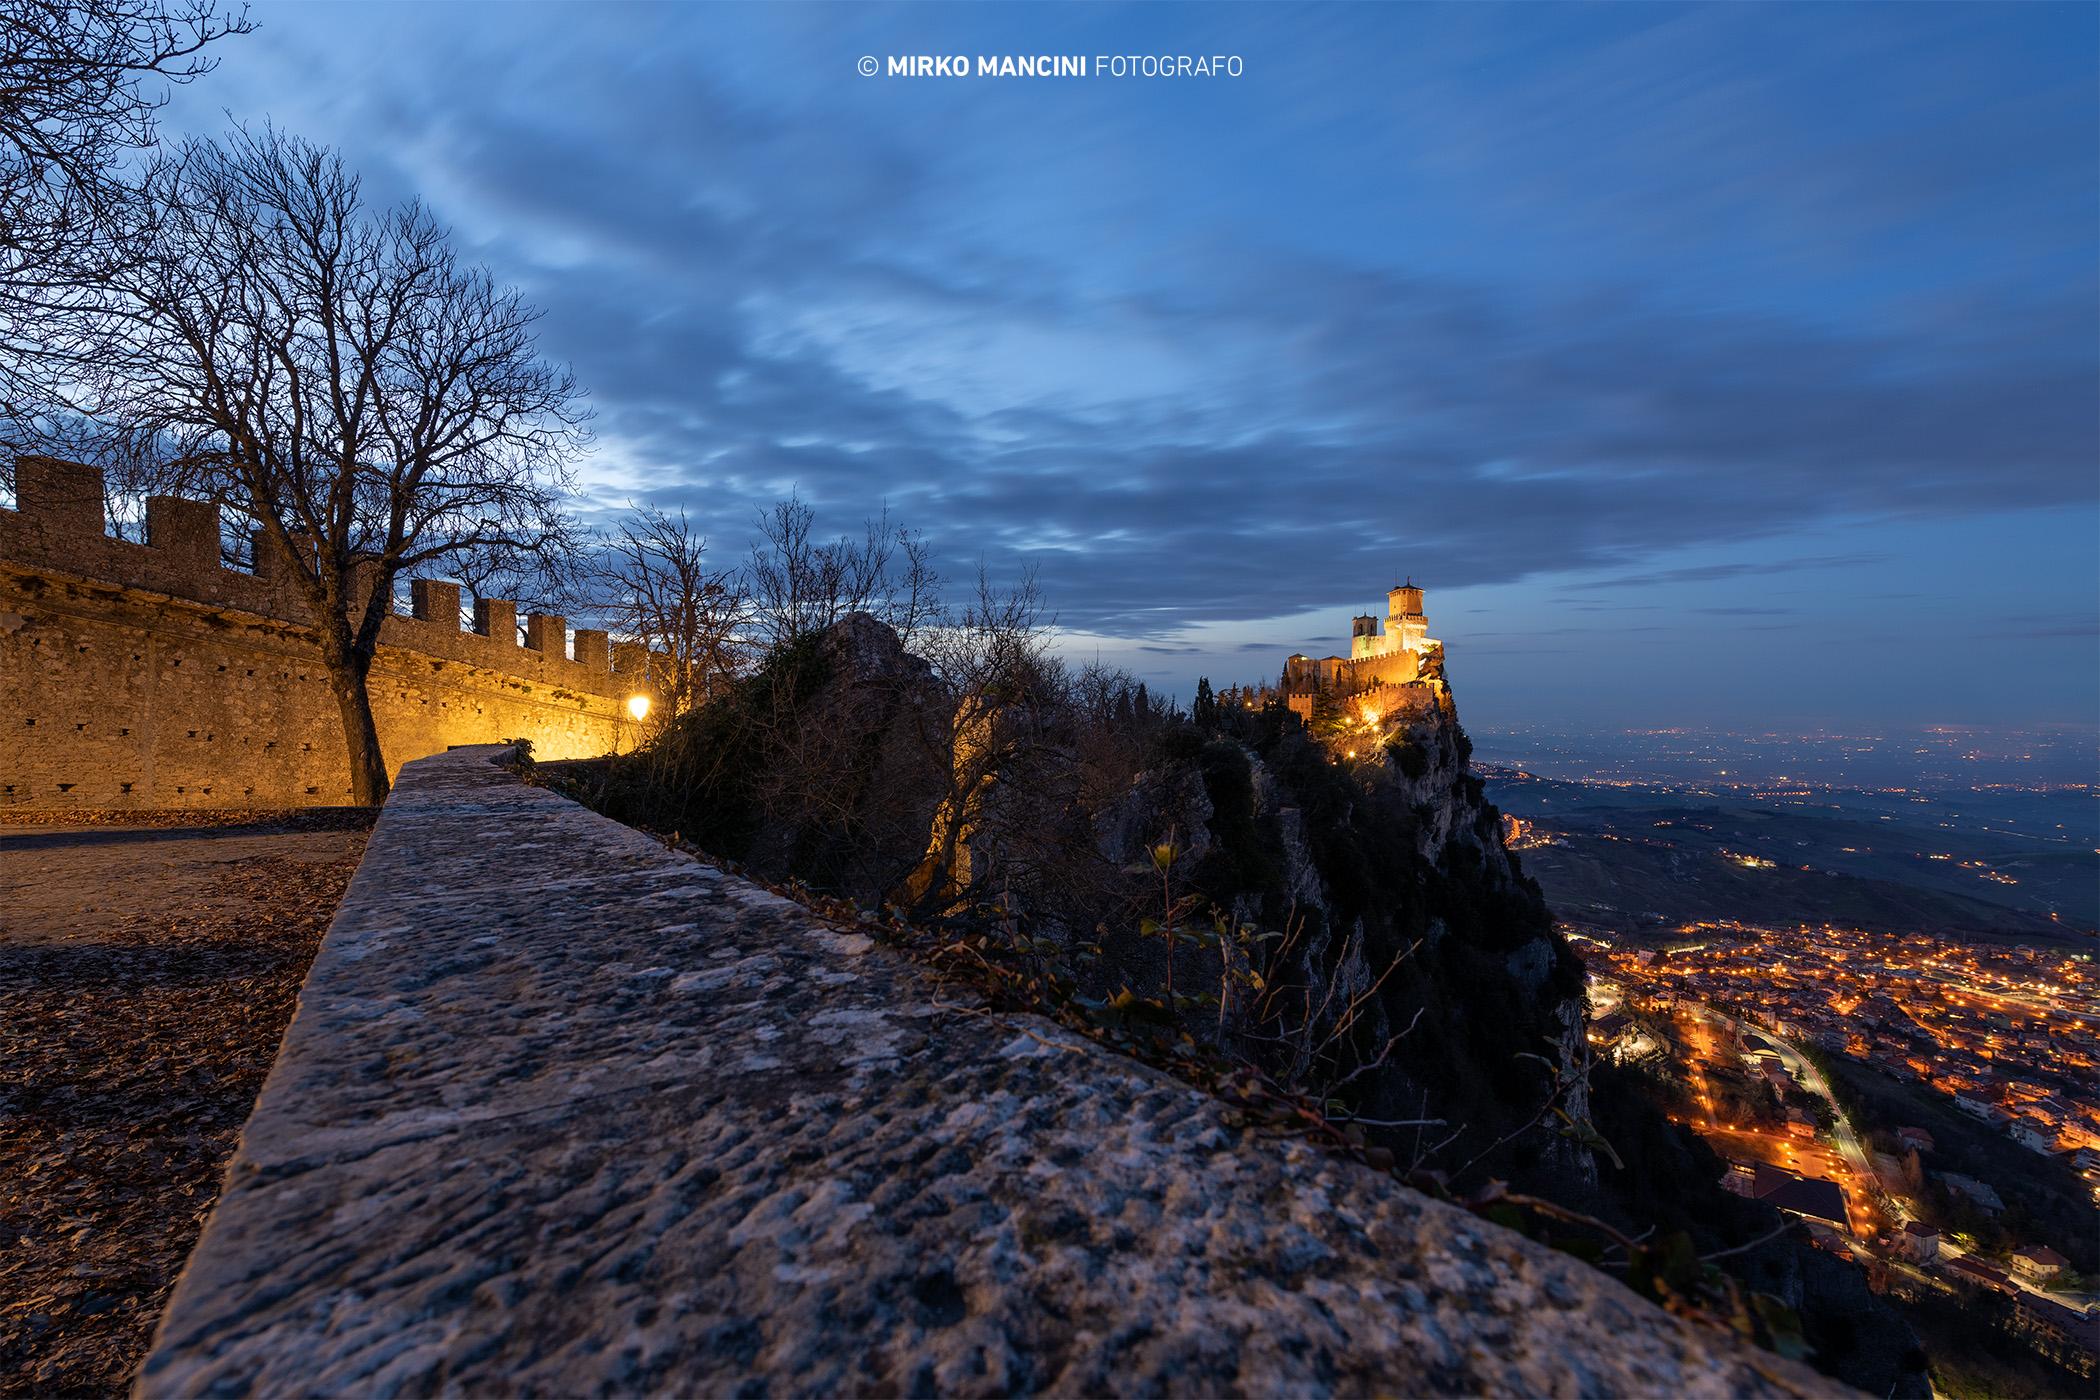 La Guaita Repubblica di San Marino...